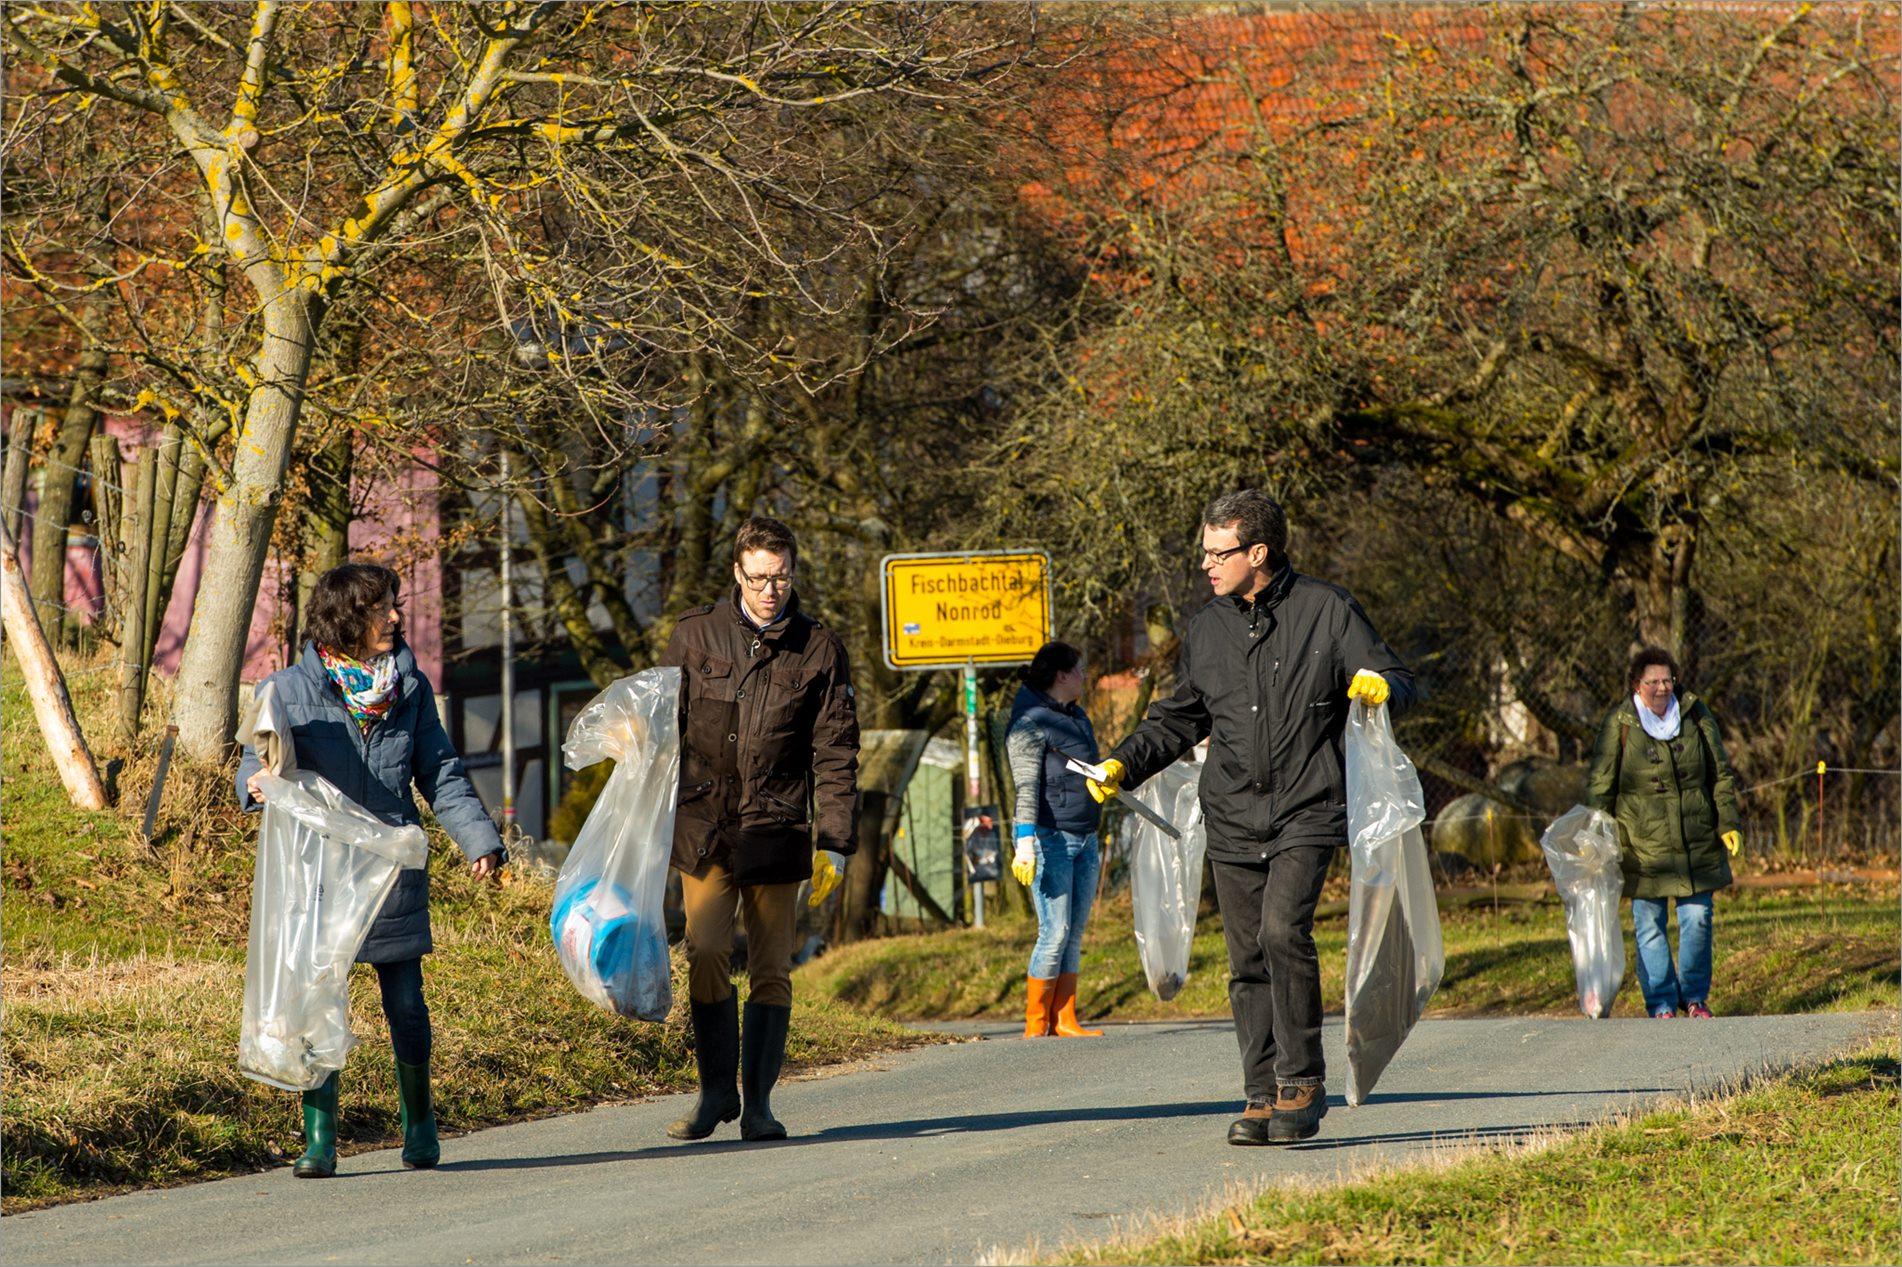 Aktion saubere Landschaft in Fischbachtal 2017 - Foto Bernd Dörwald